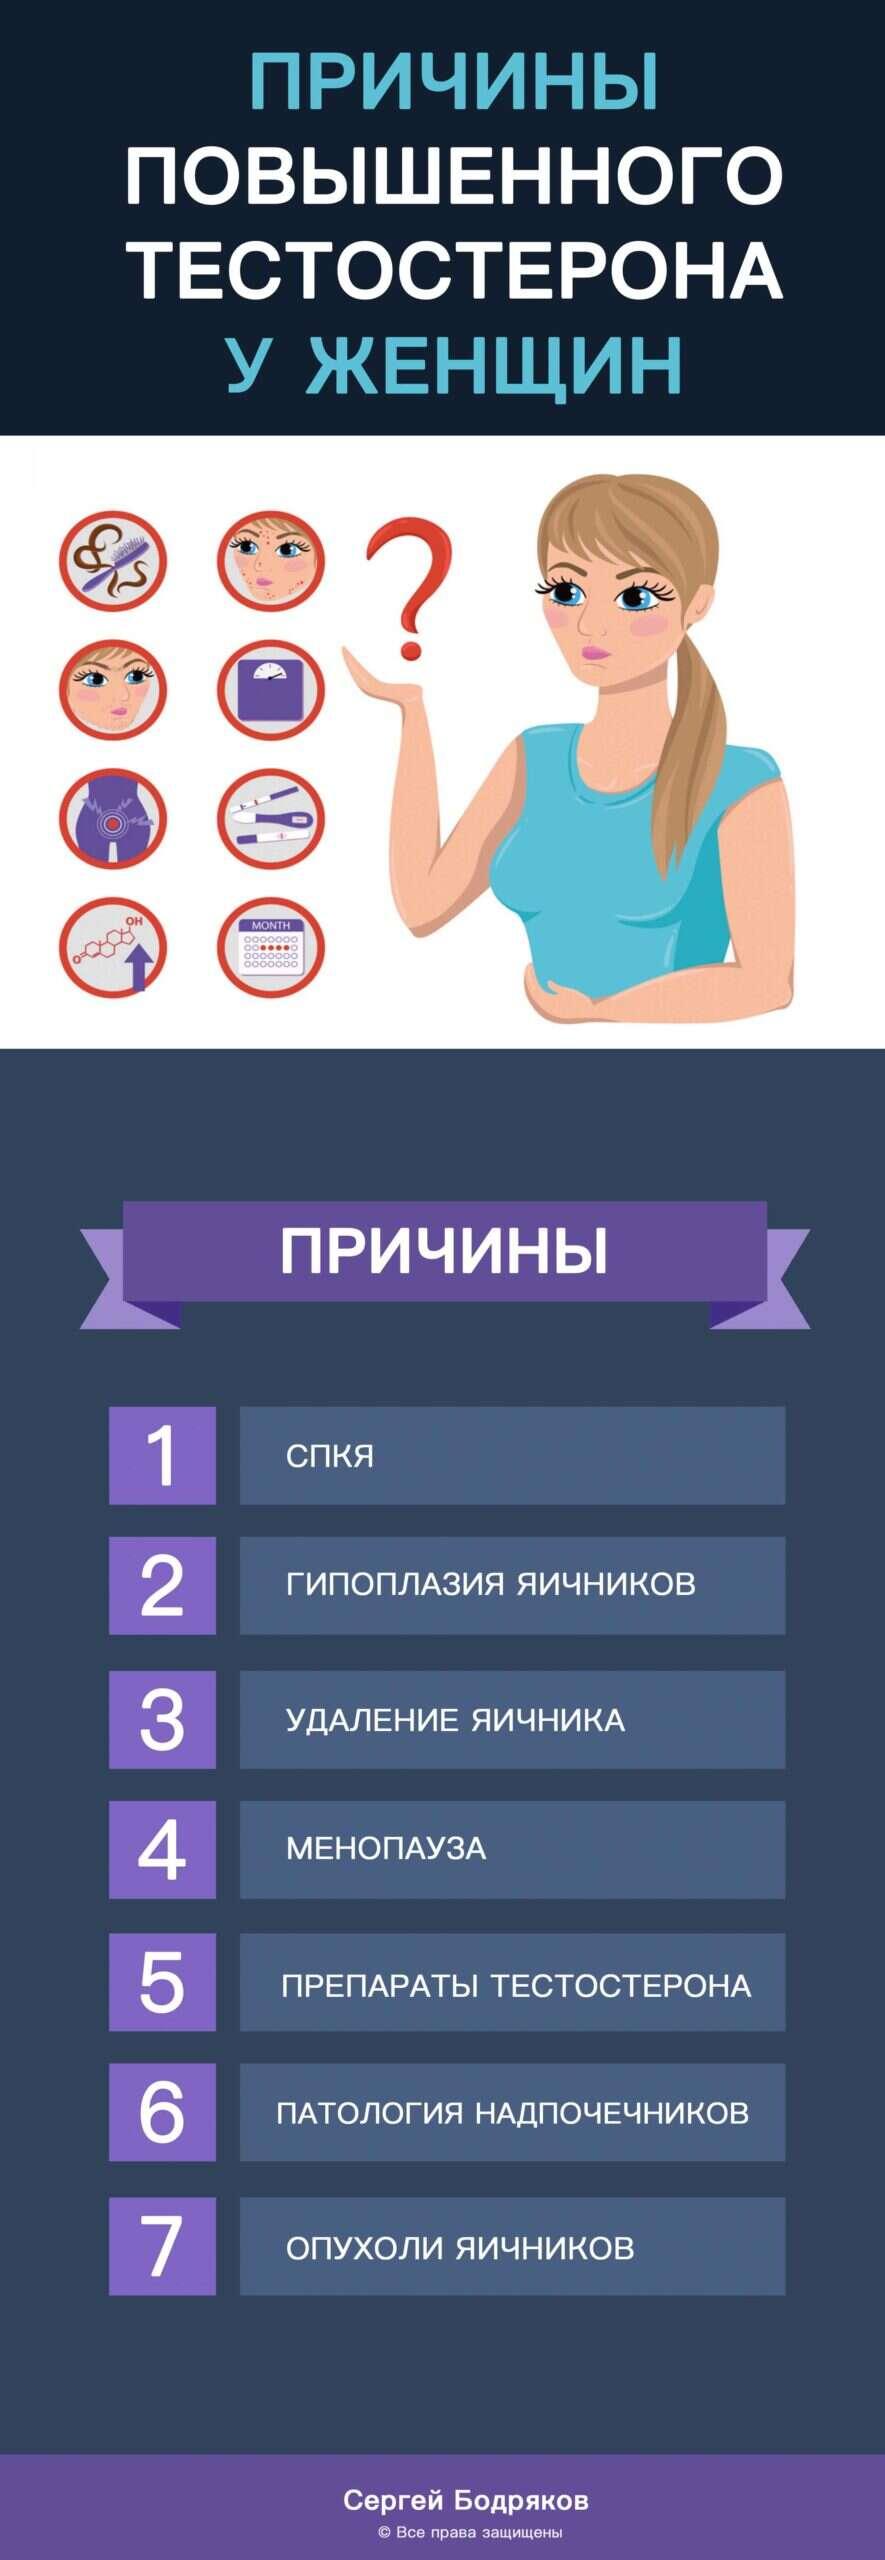 повышенный тестостерон у женщин причины и последствия